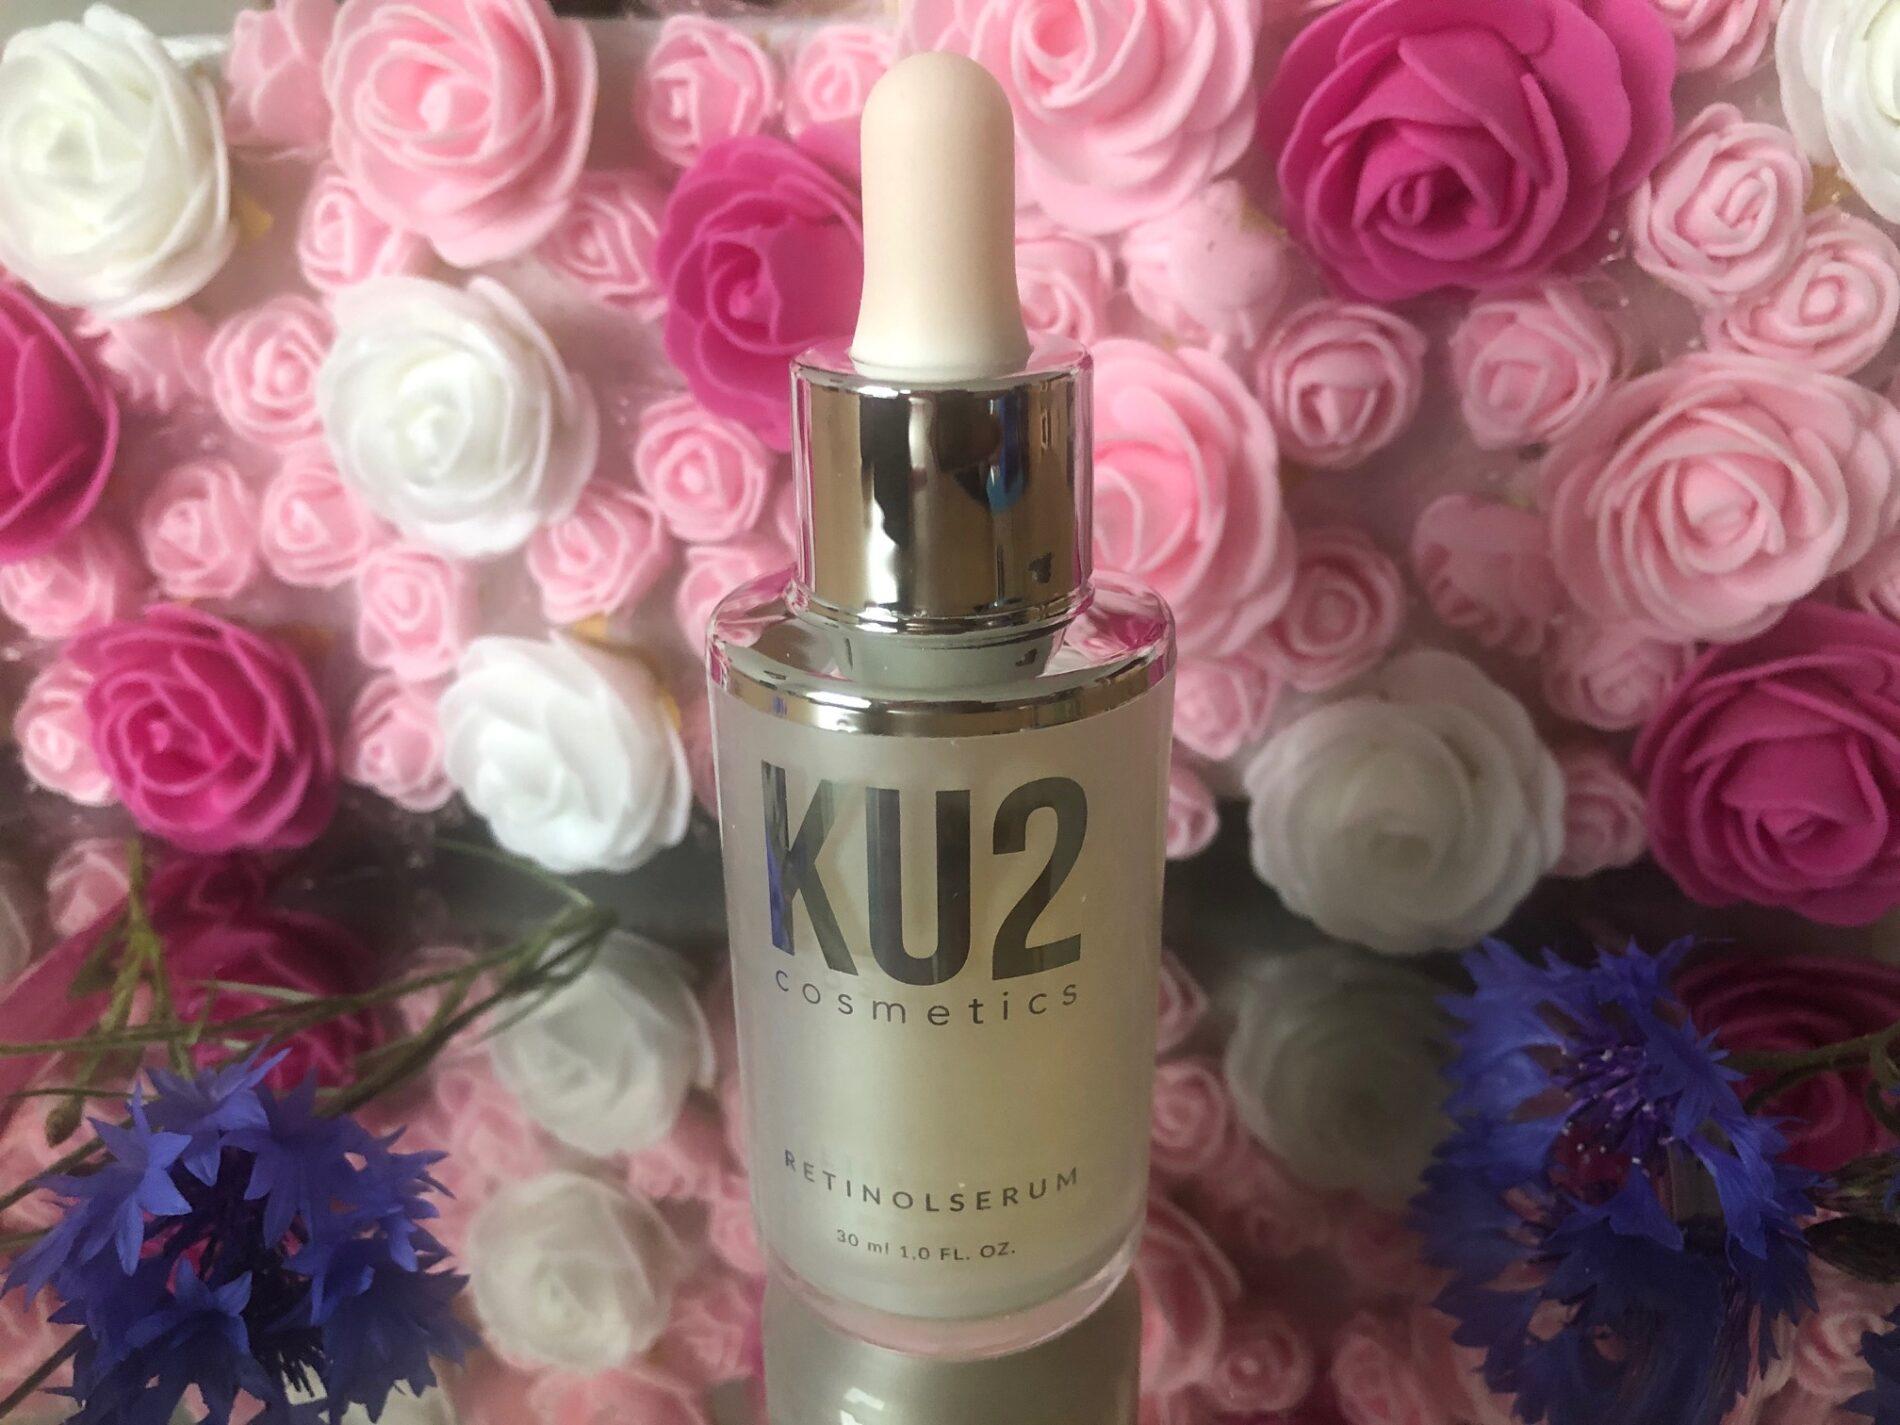 KU2 Cosmetics Retinolserum im Test und Erfahrung (1)